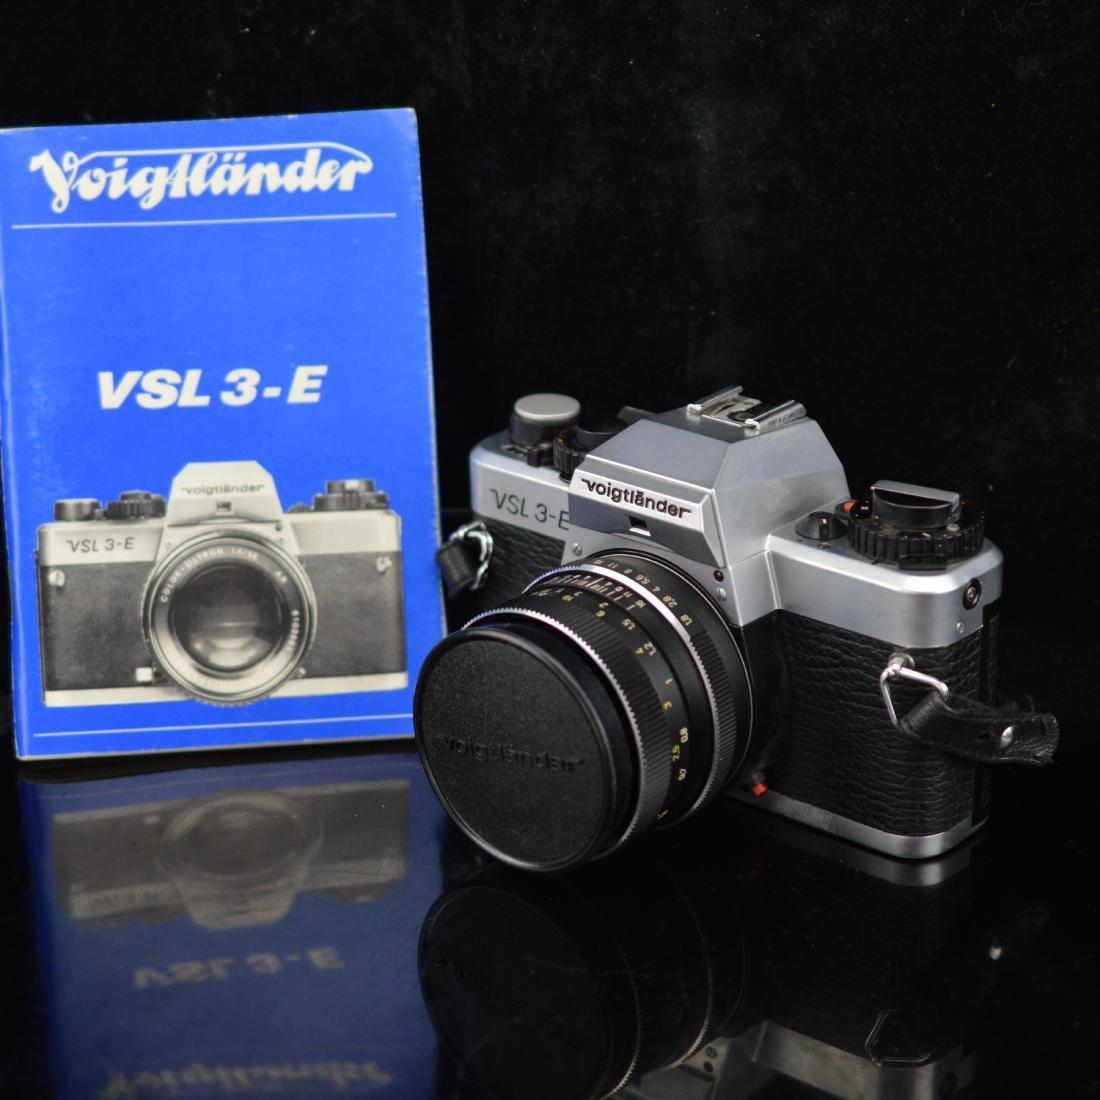 Voigtlander VSL 3-E camera